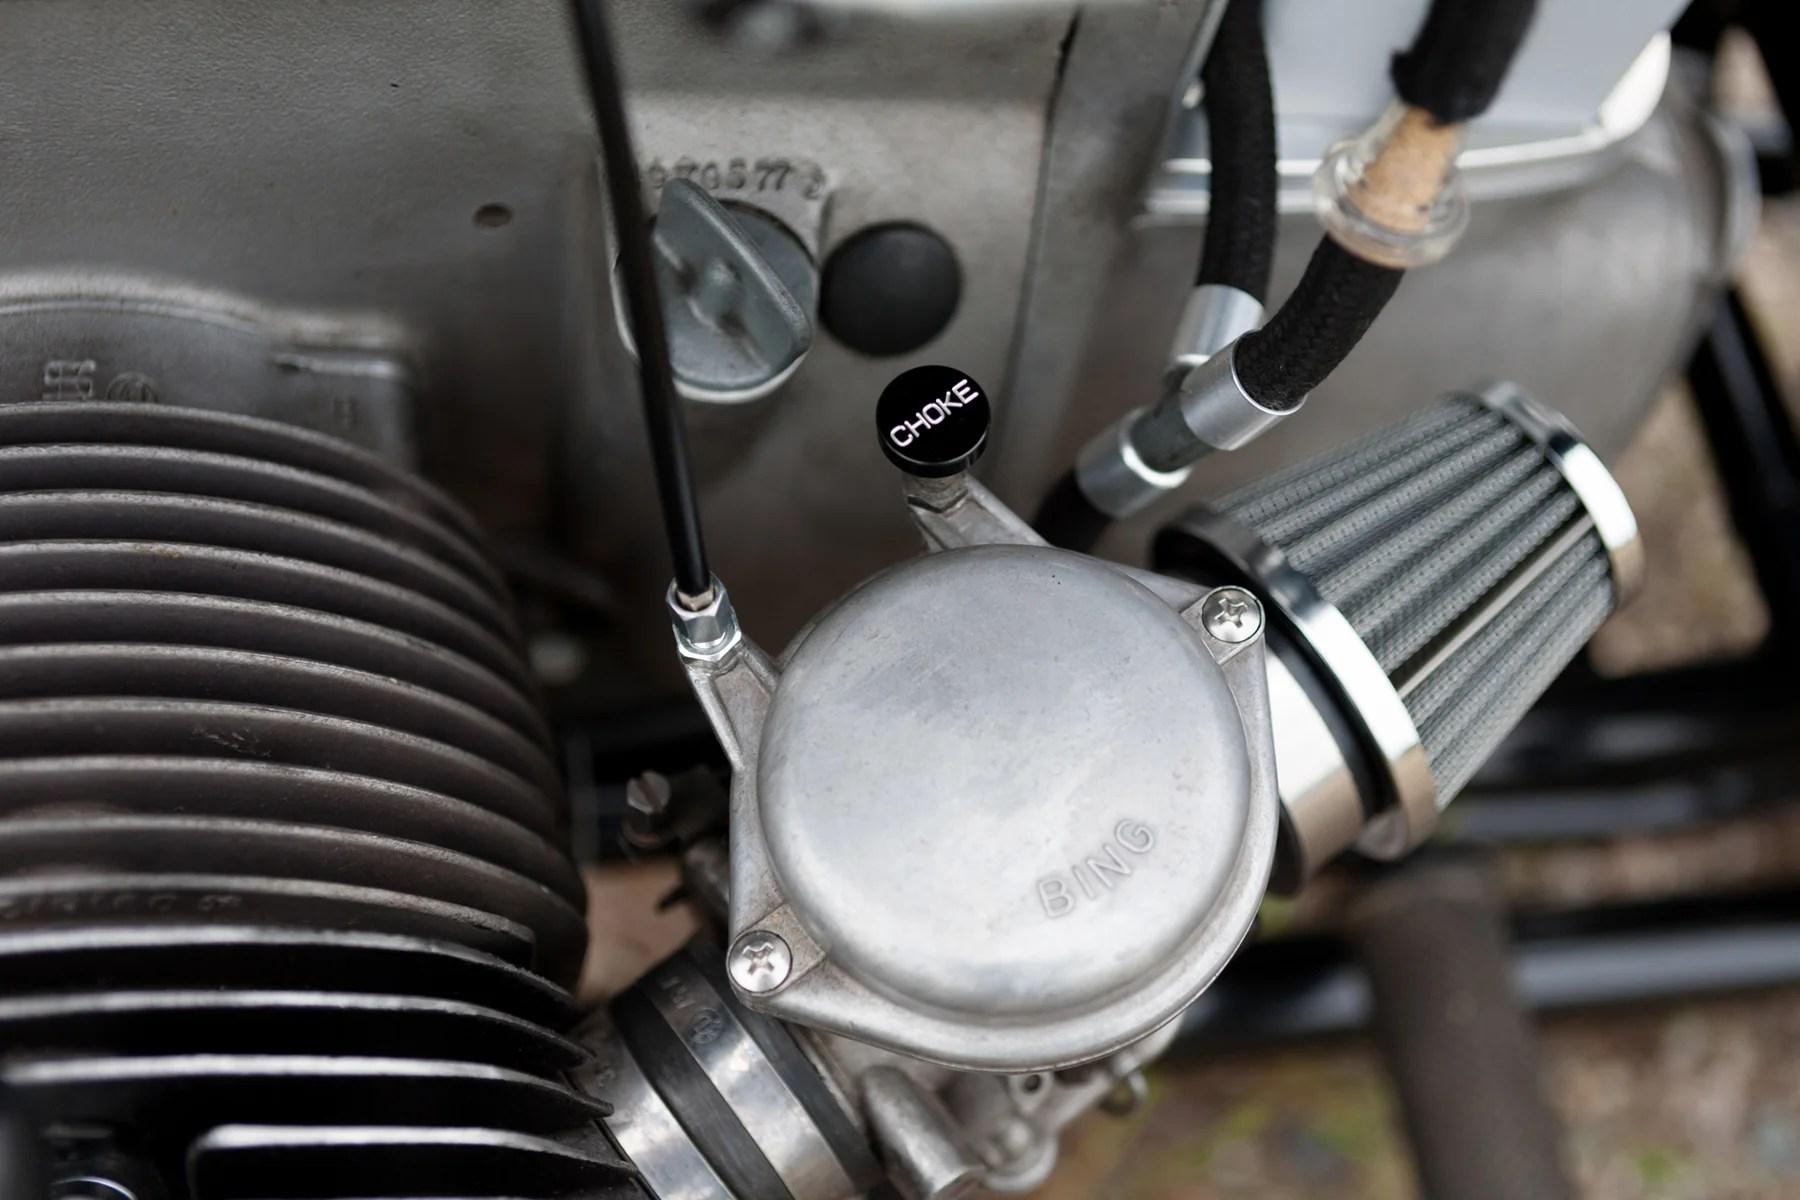 visu inline fuel filter visu inline fuel filter  [ 1800 x 1200 Pixel ]